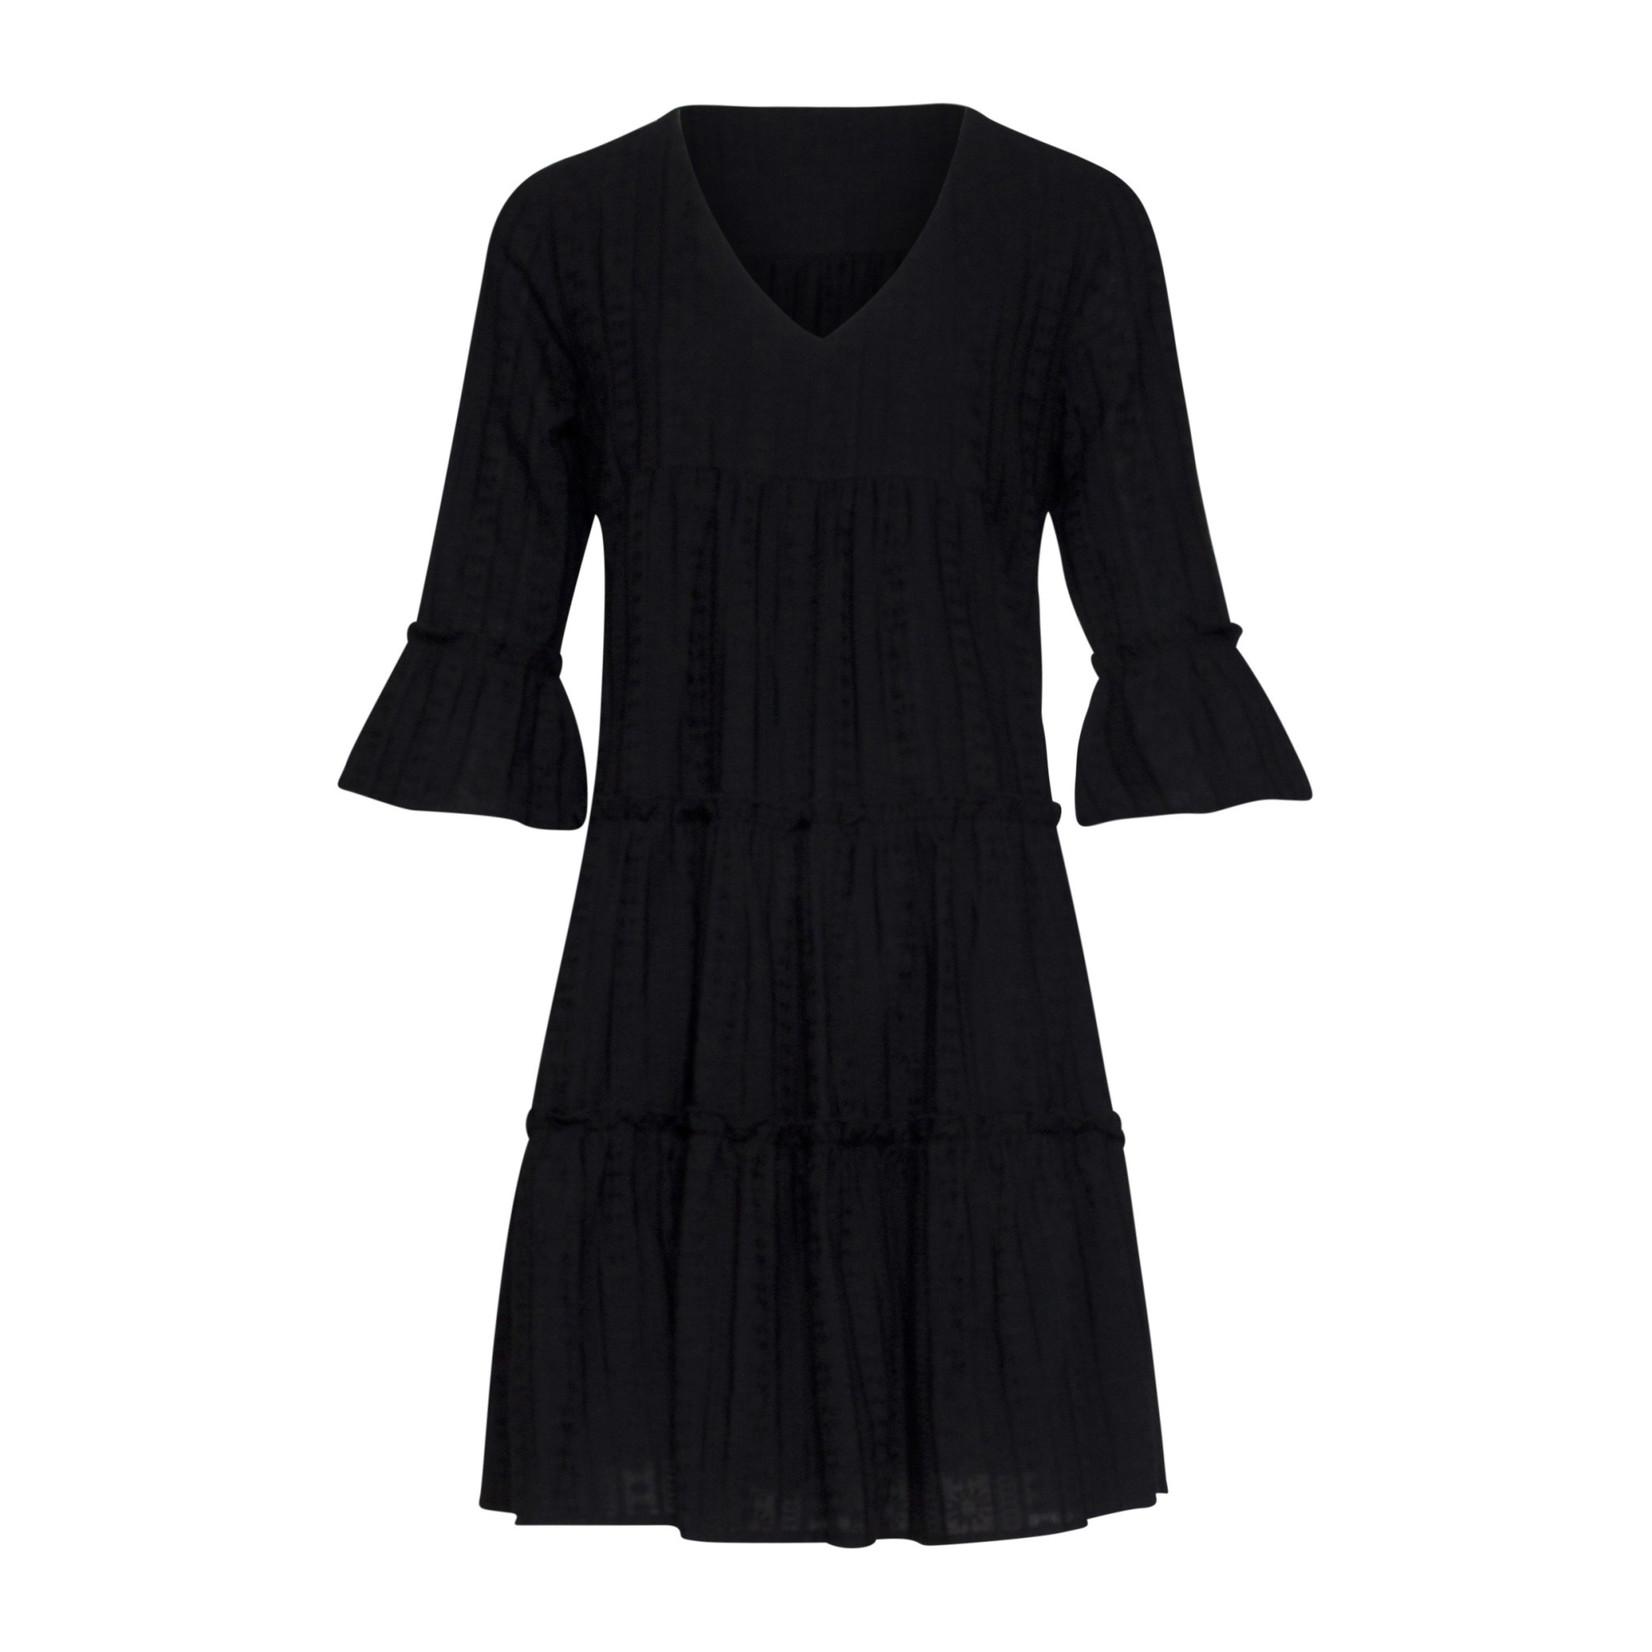 Smashed Lemon Smashed Lemon dress black 21179